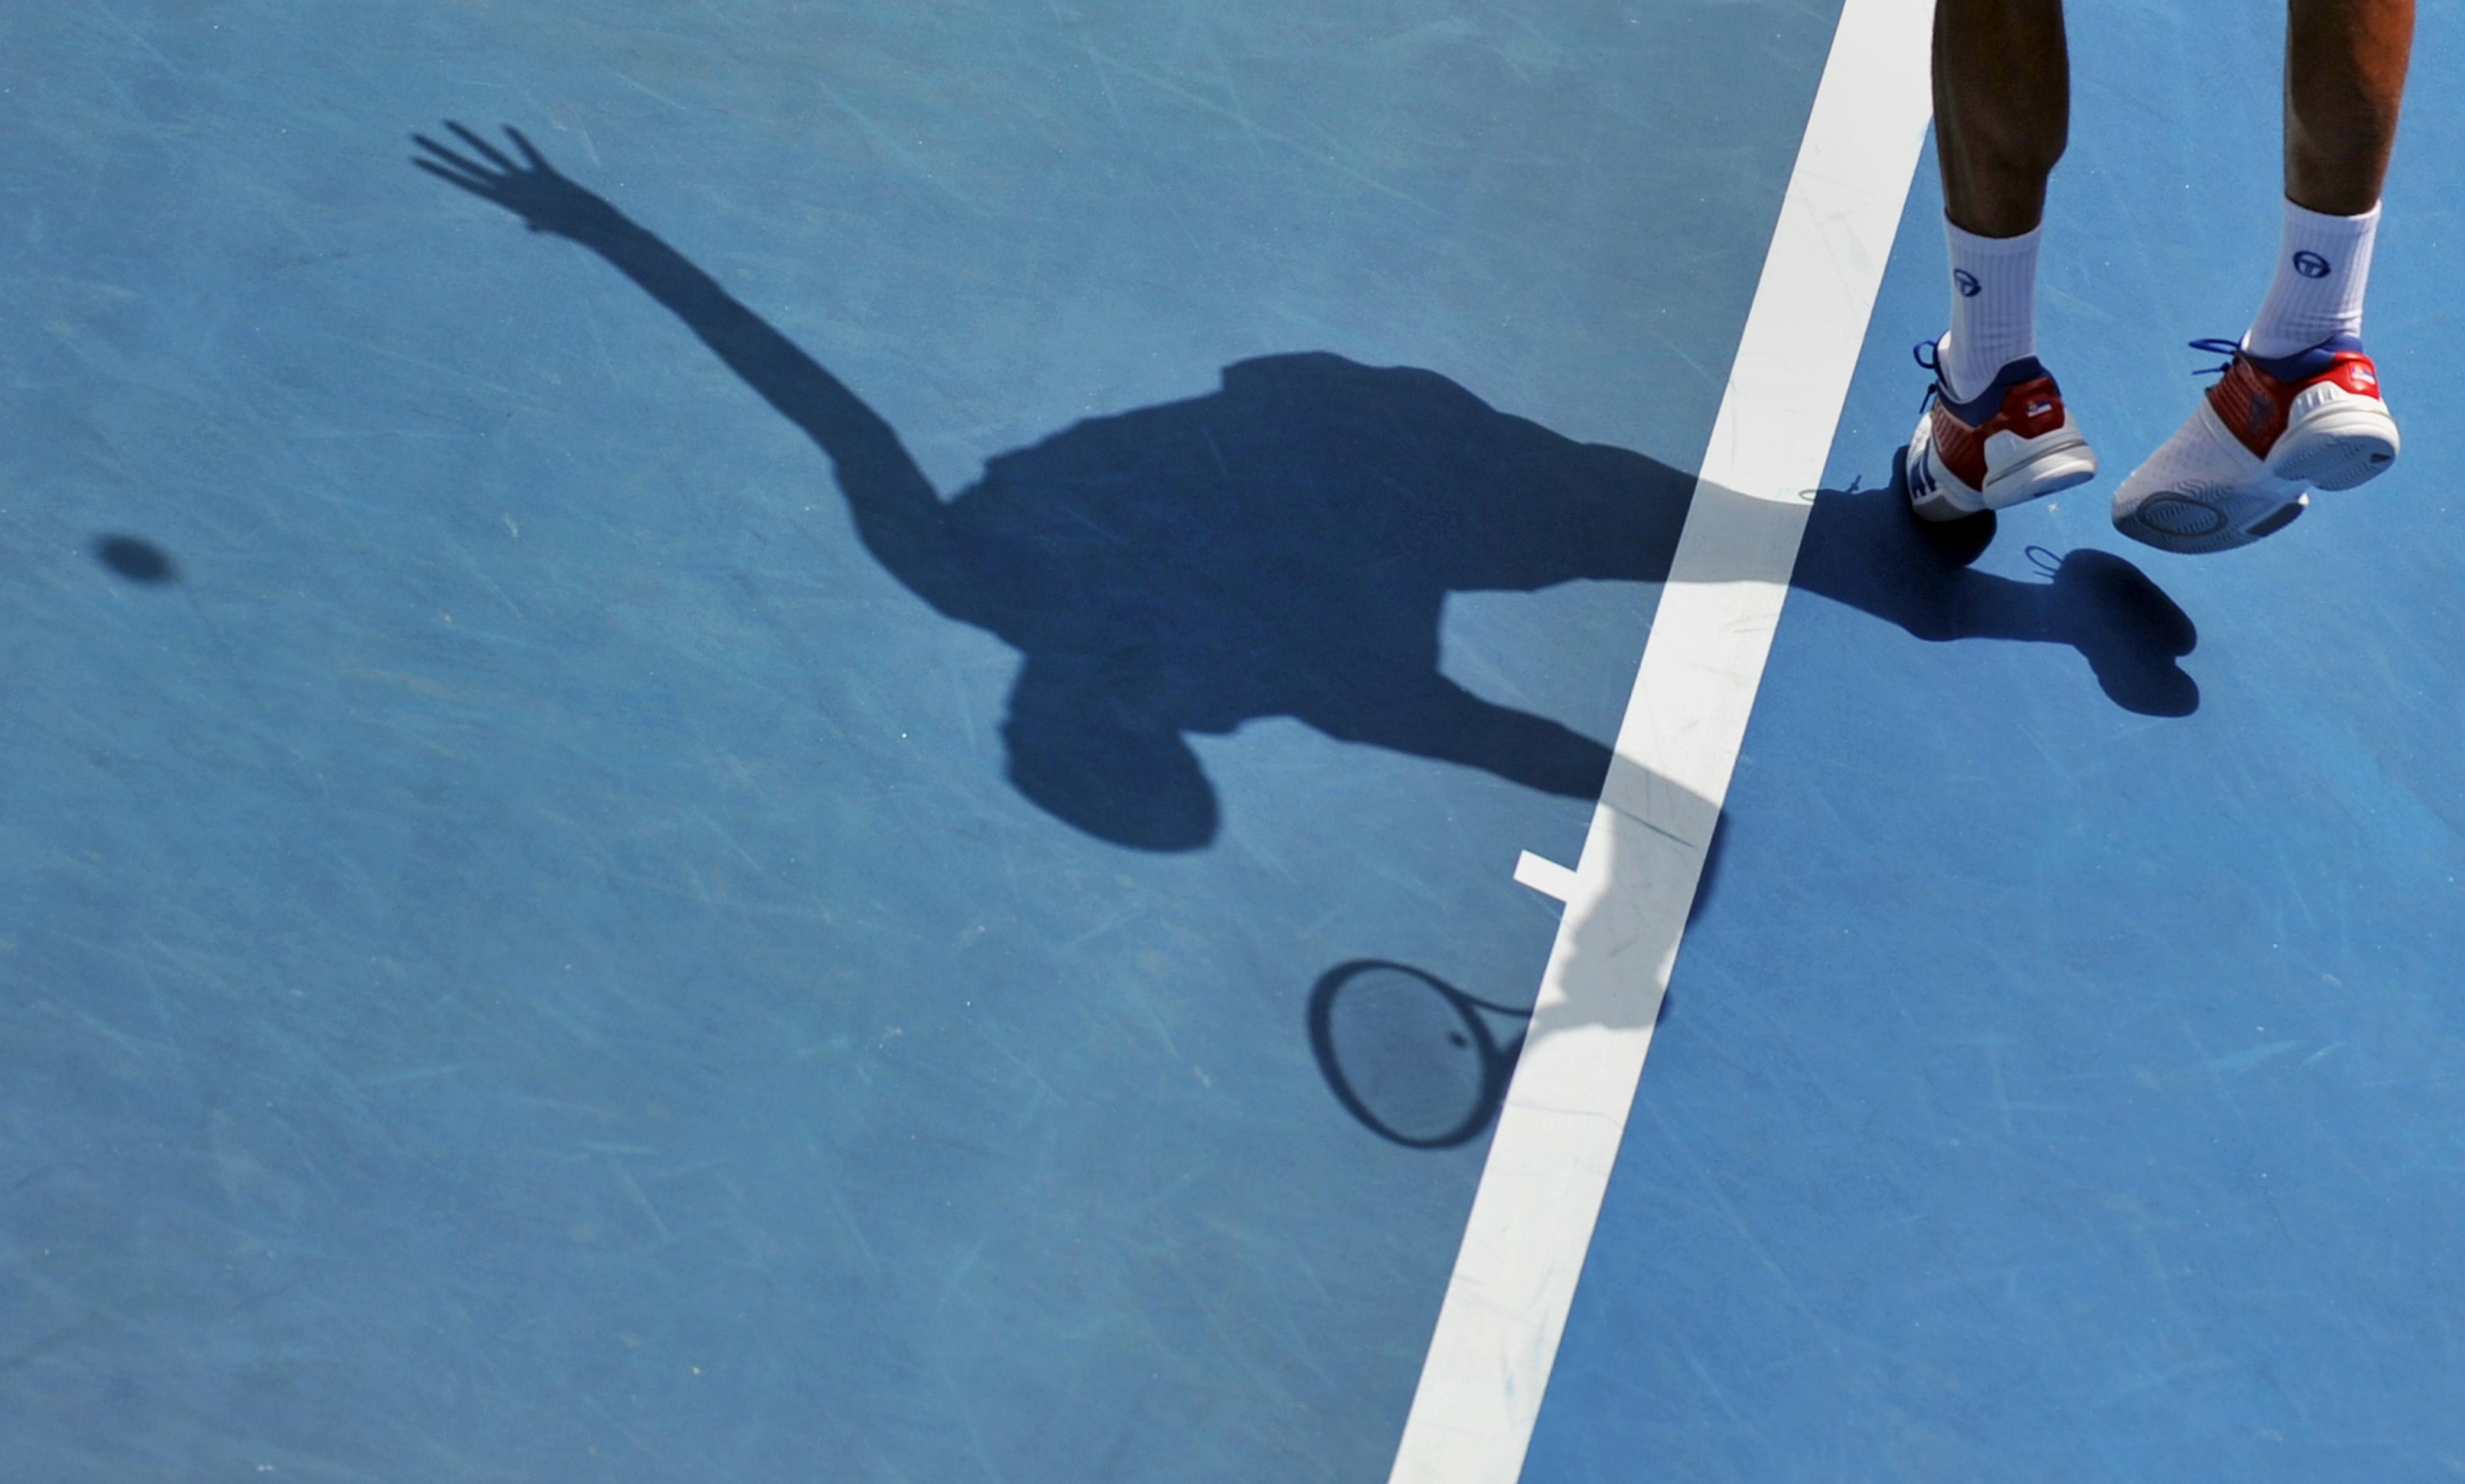 Tennis: Perfekter Aufschlag